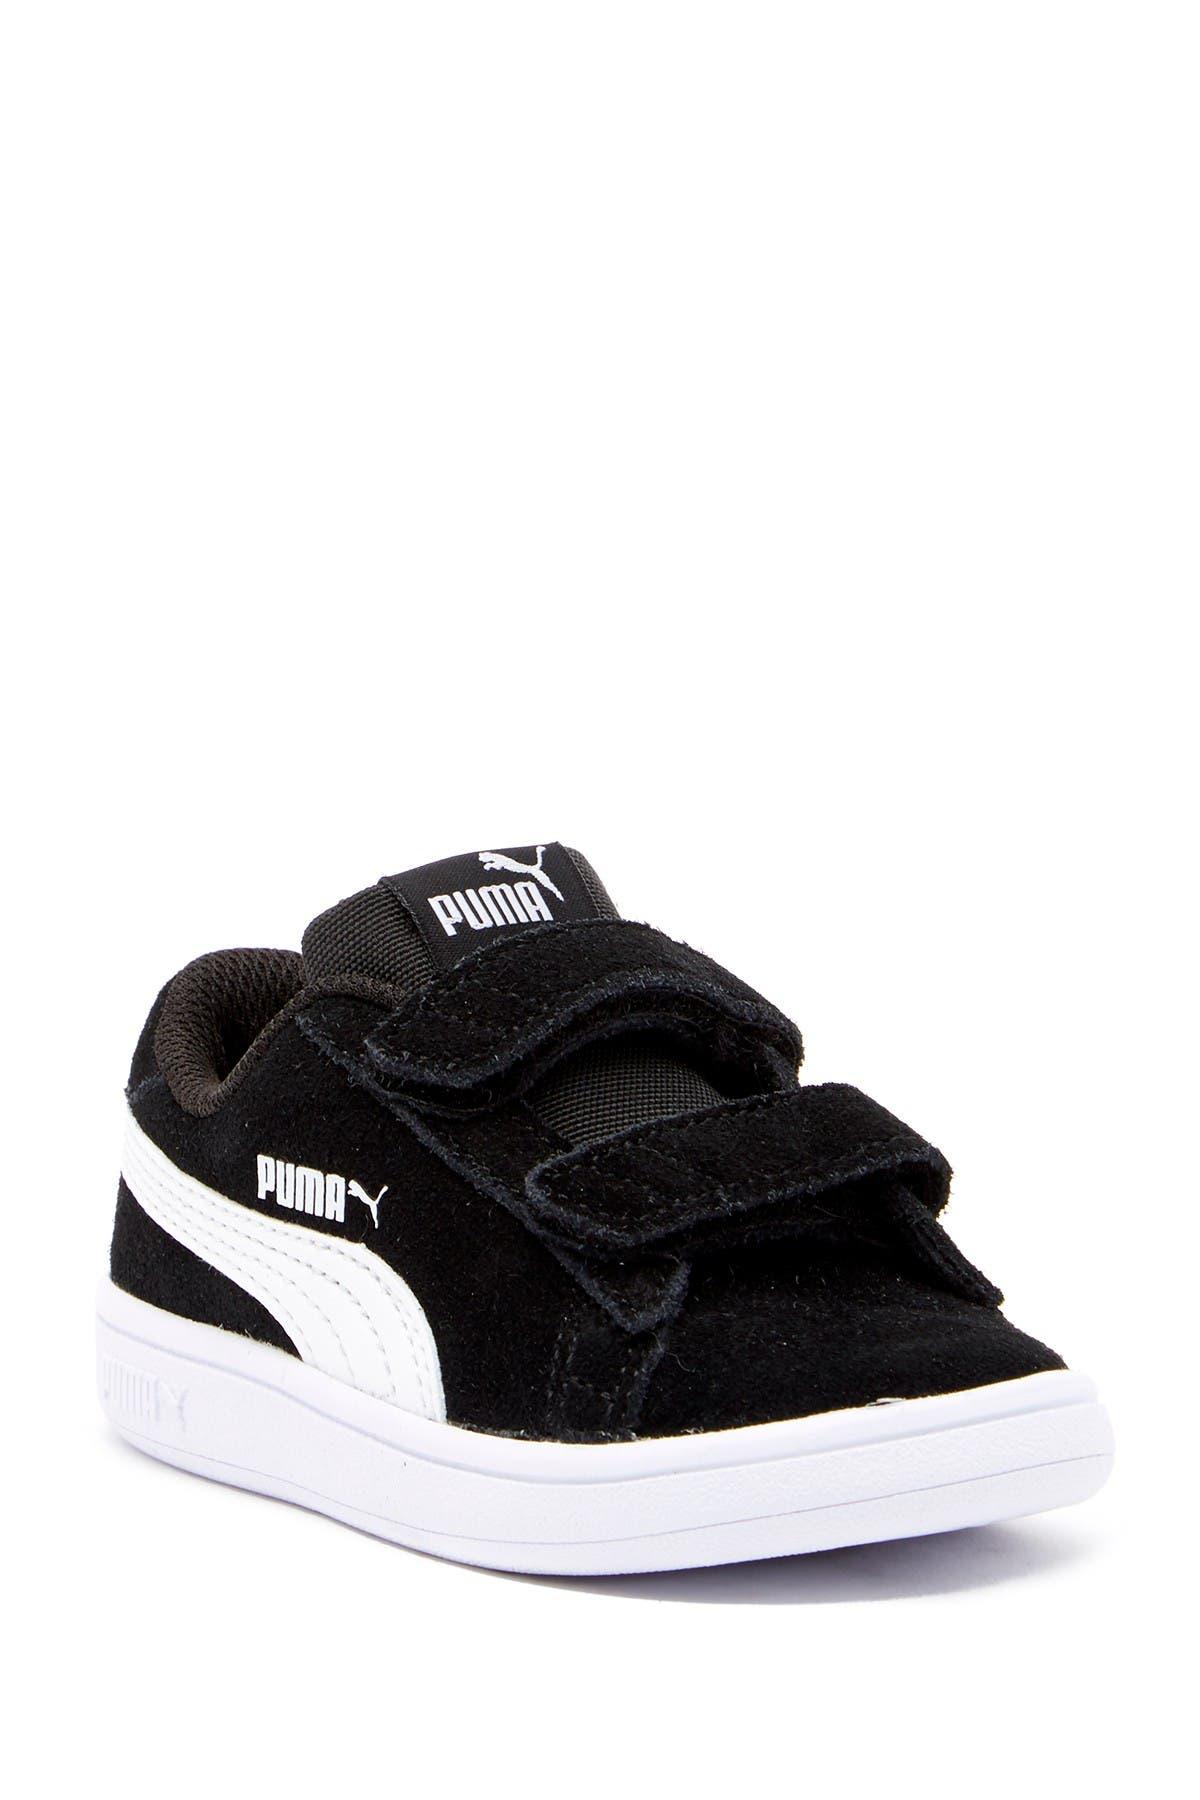 PUMA | Smash V2 Suede Sneaker